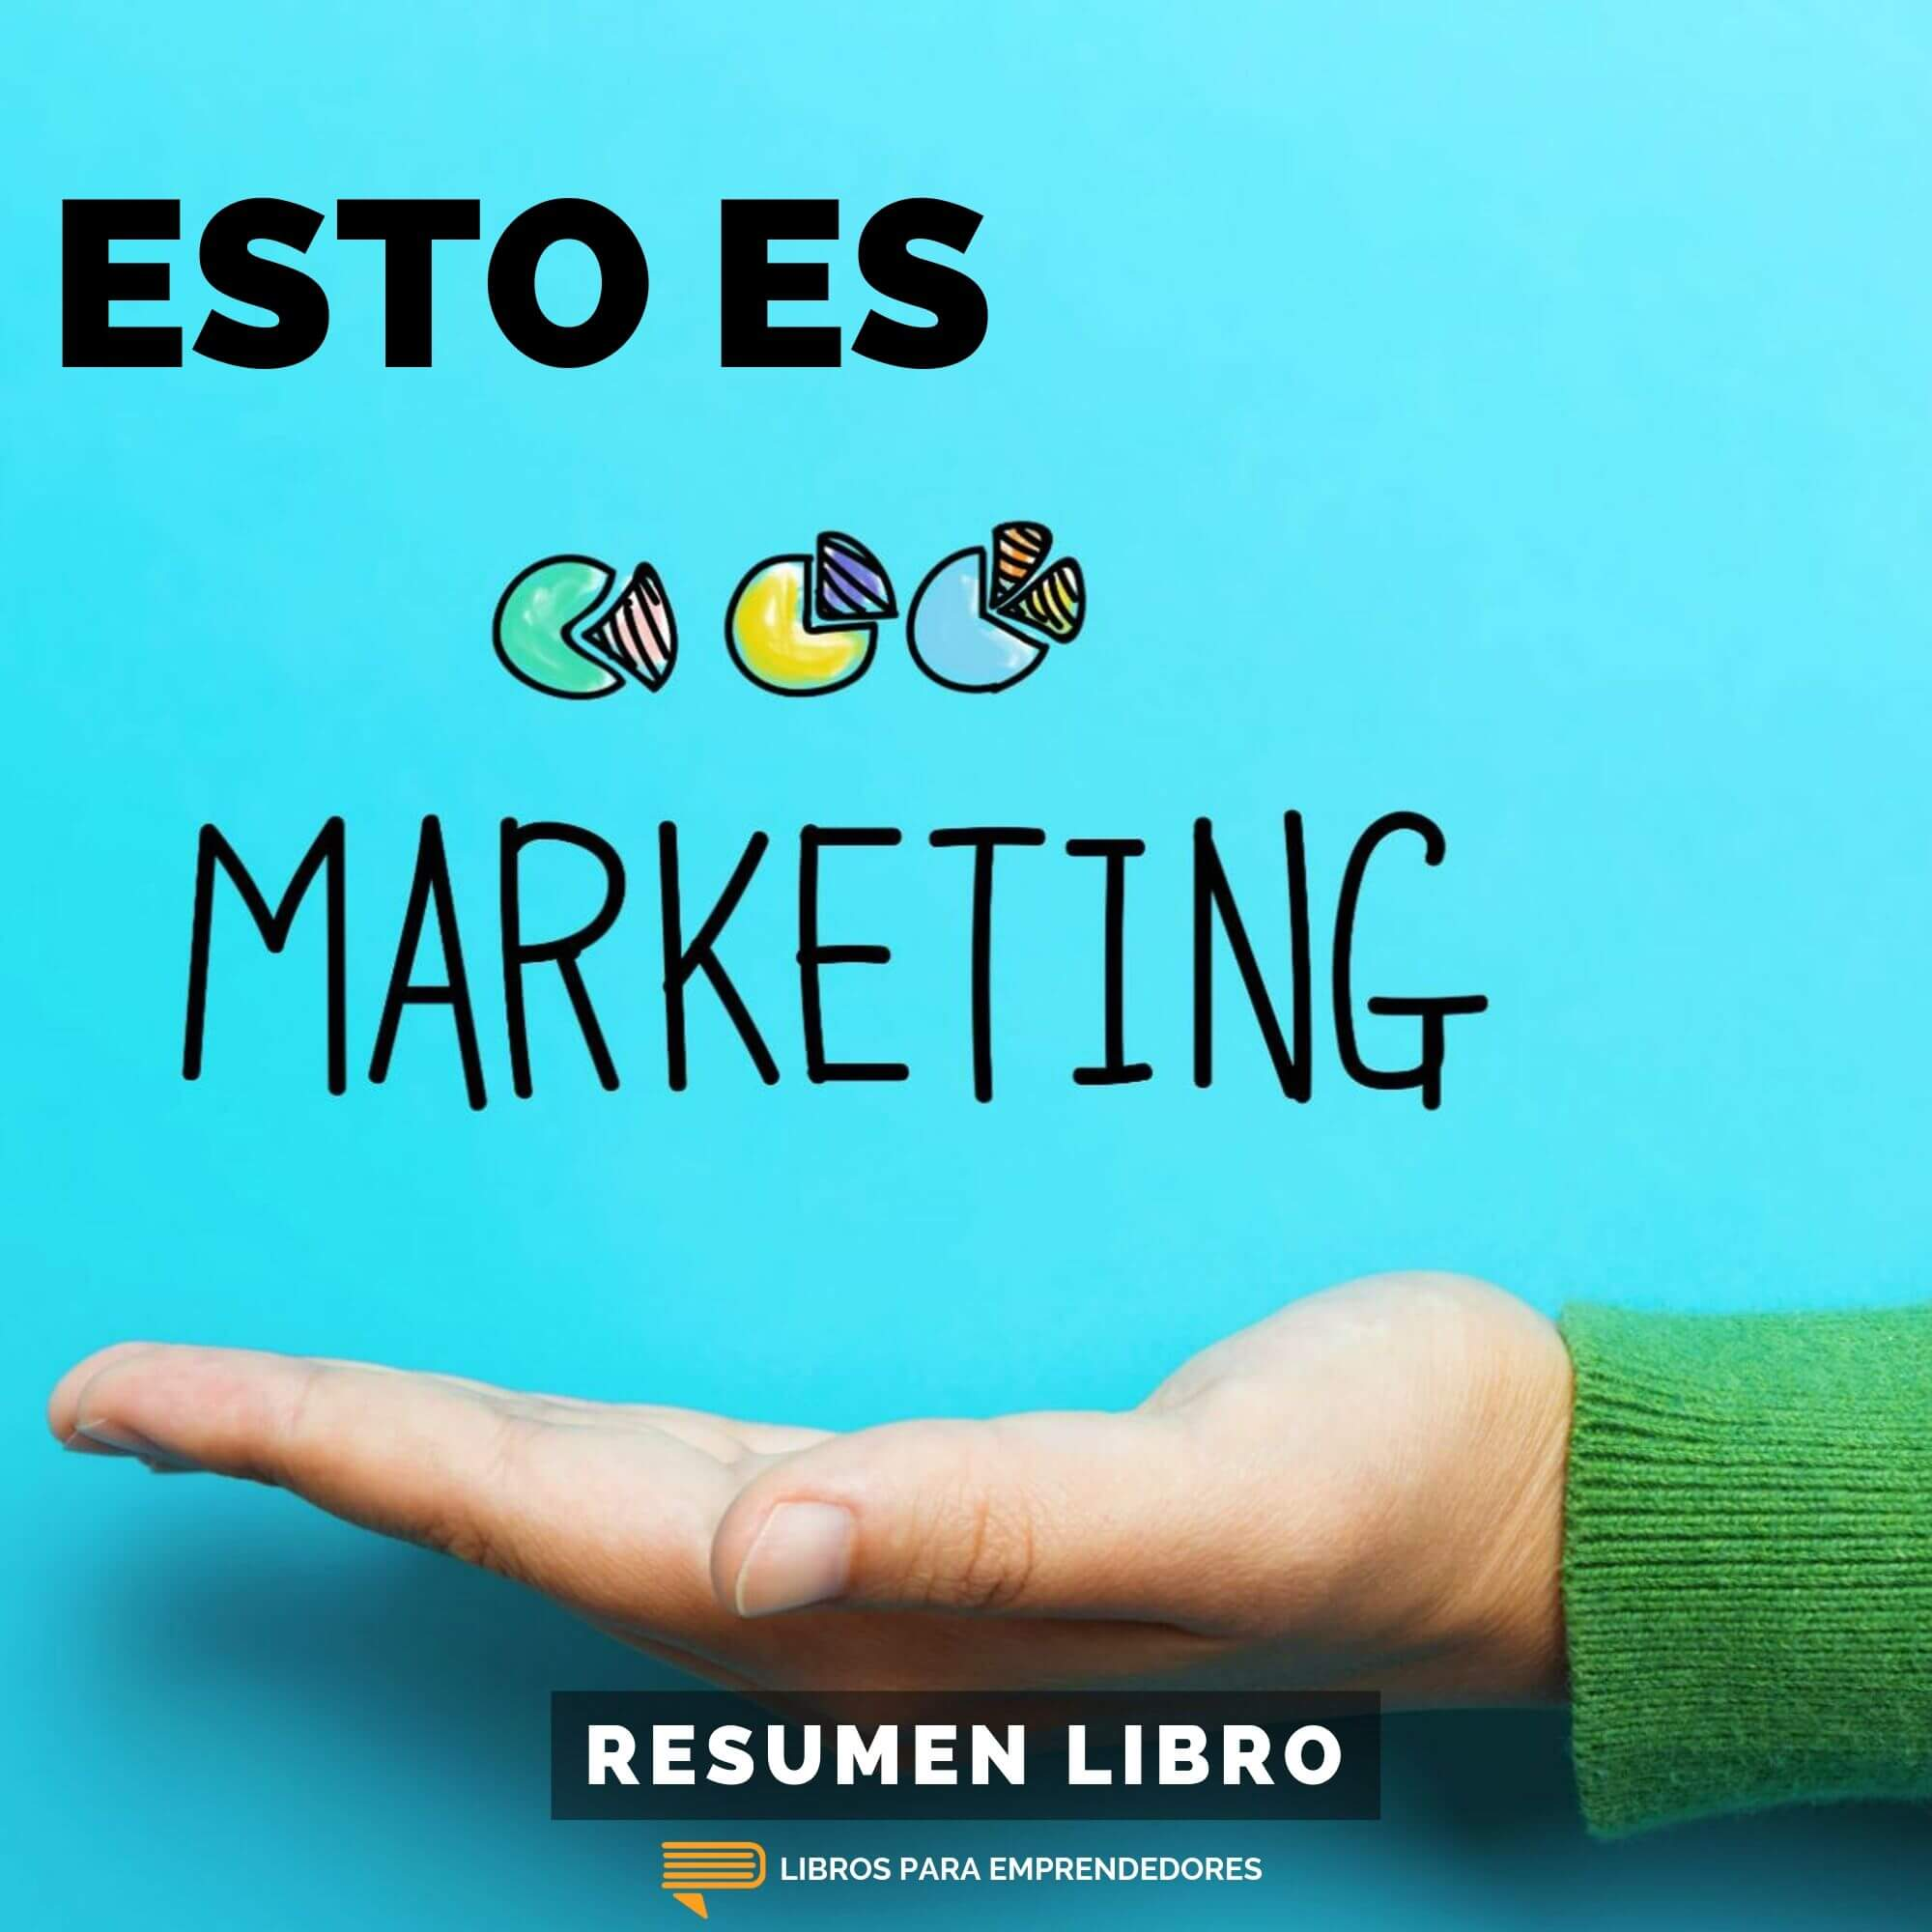 Esto Es Marketing, de Seth Godin - Un Resumen de Libros para Emprendedores